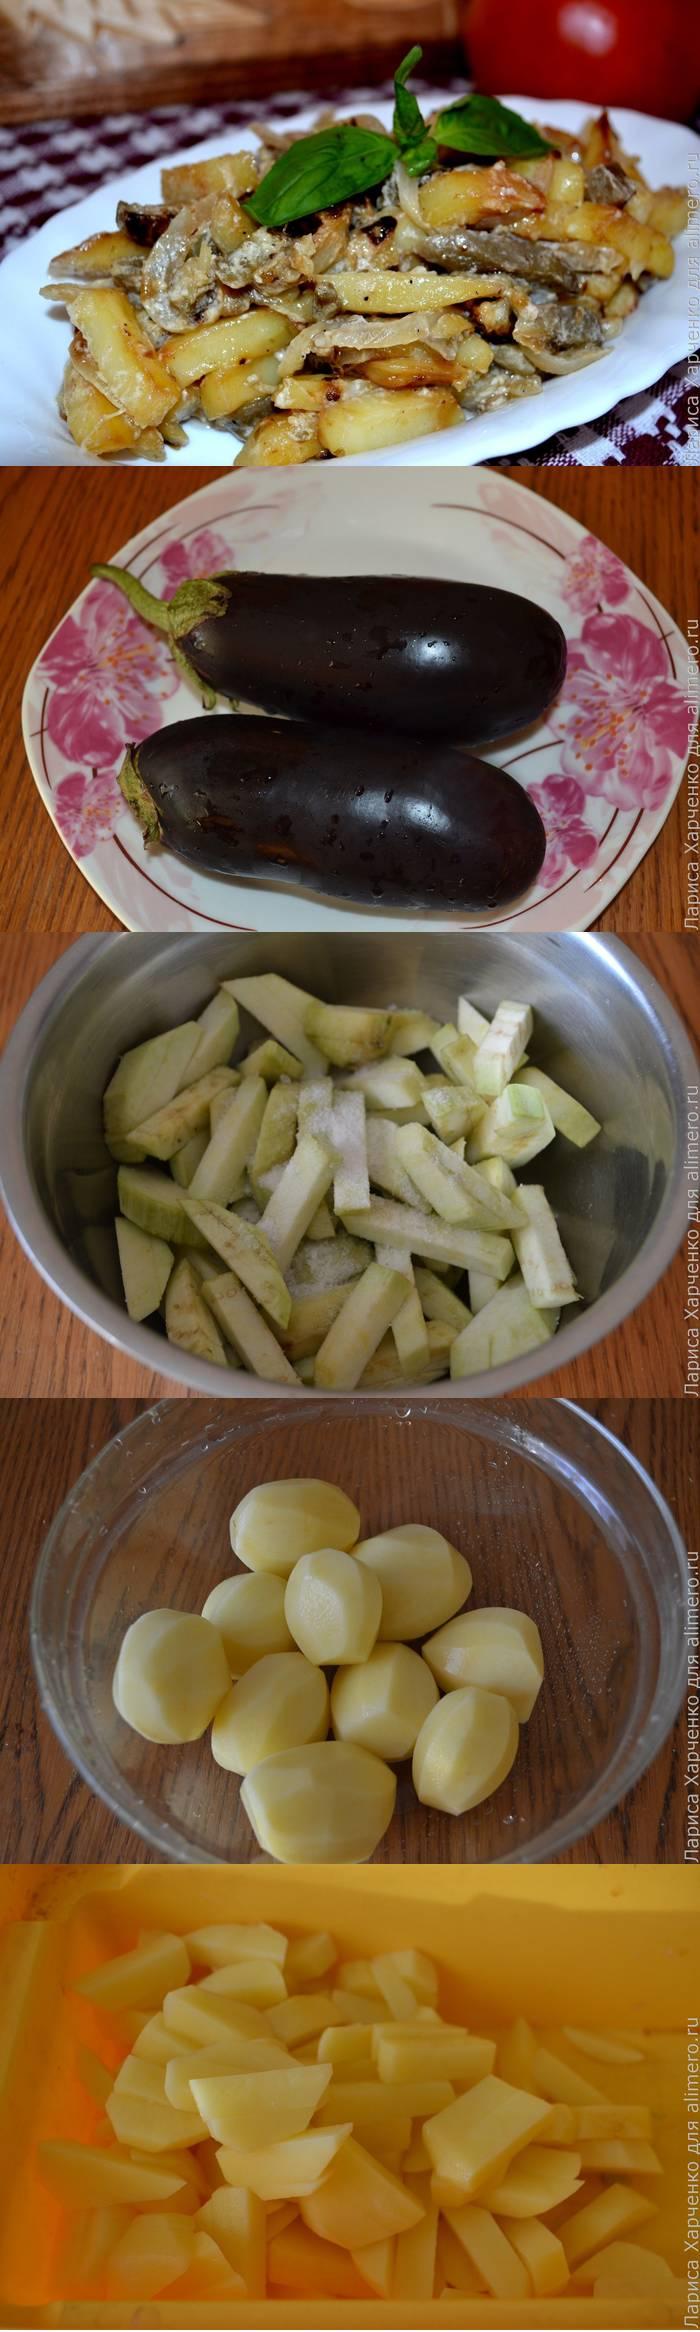 Баклажаны с картошкой в сметане